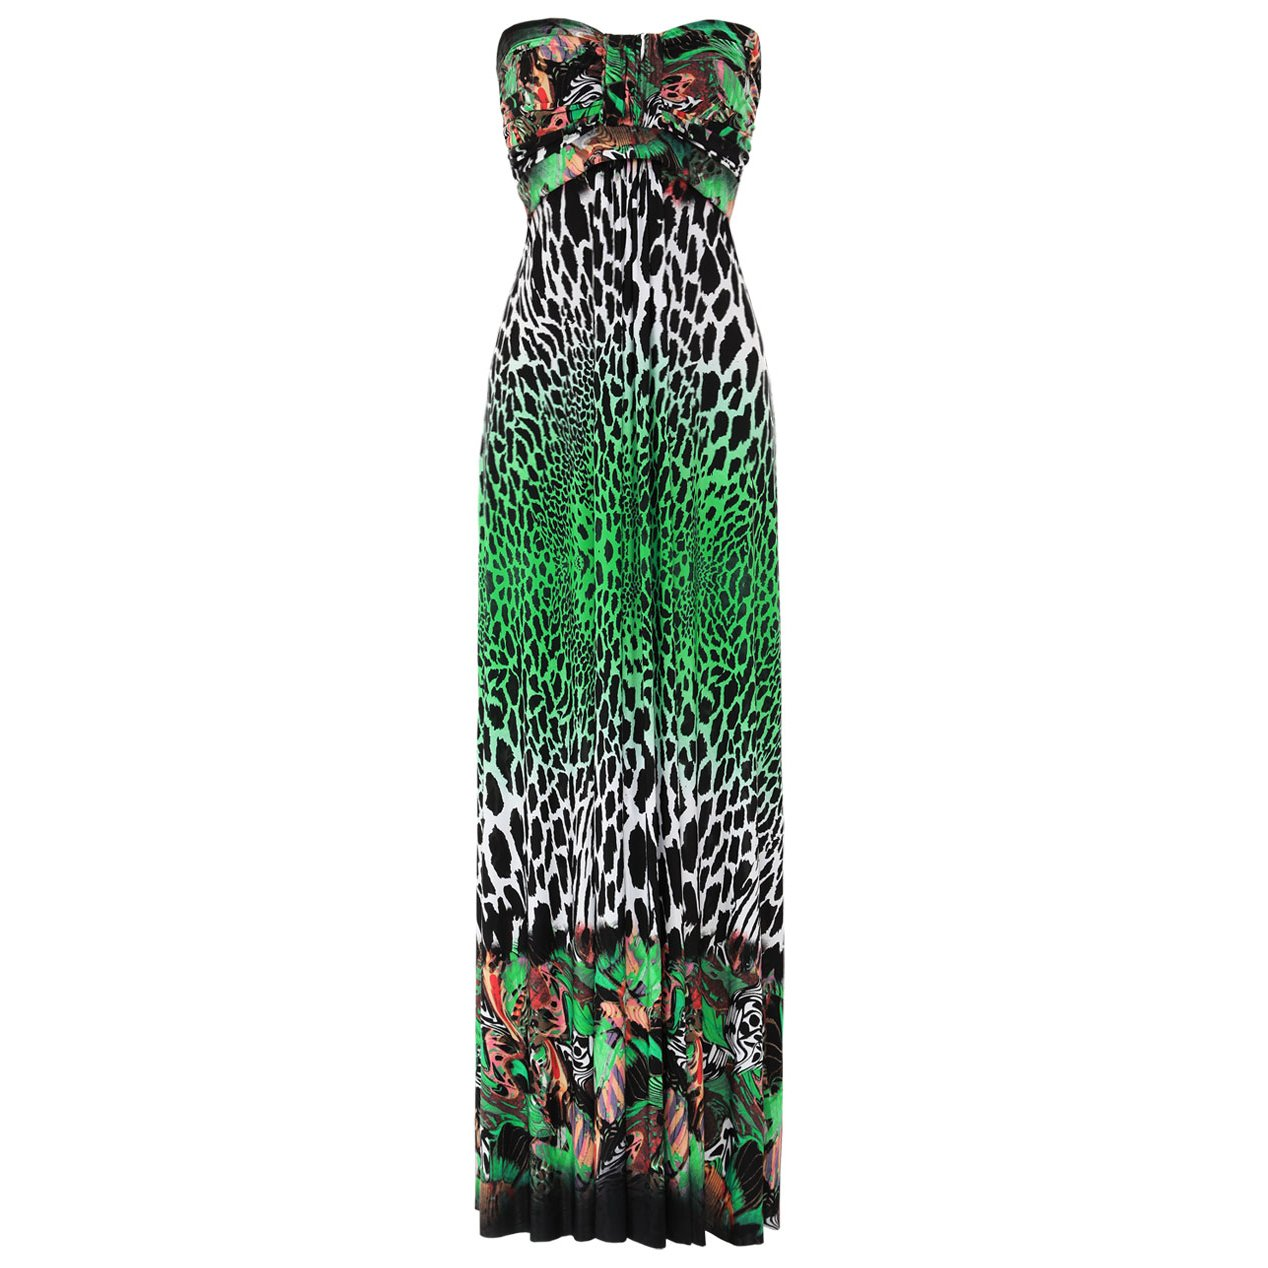 WOMENS GREEN LEOPARD ANIMAL PRINT LONG SUMMER EVENING HOLIDAY BEACH MAXI DRESS UK 12-14, US 8-10